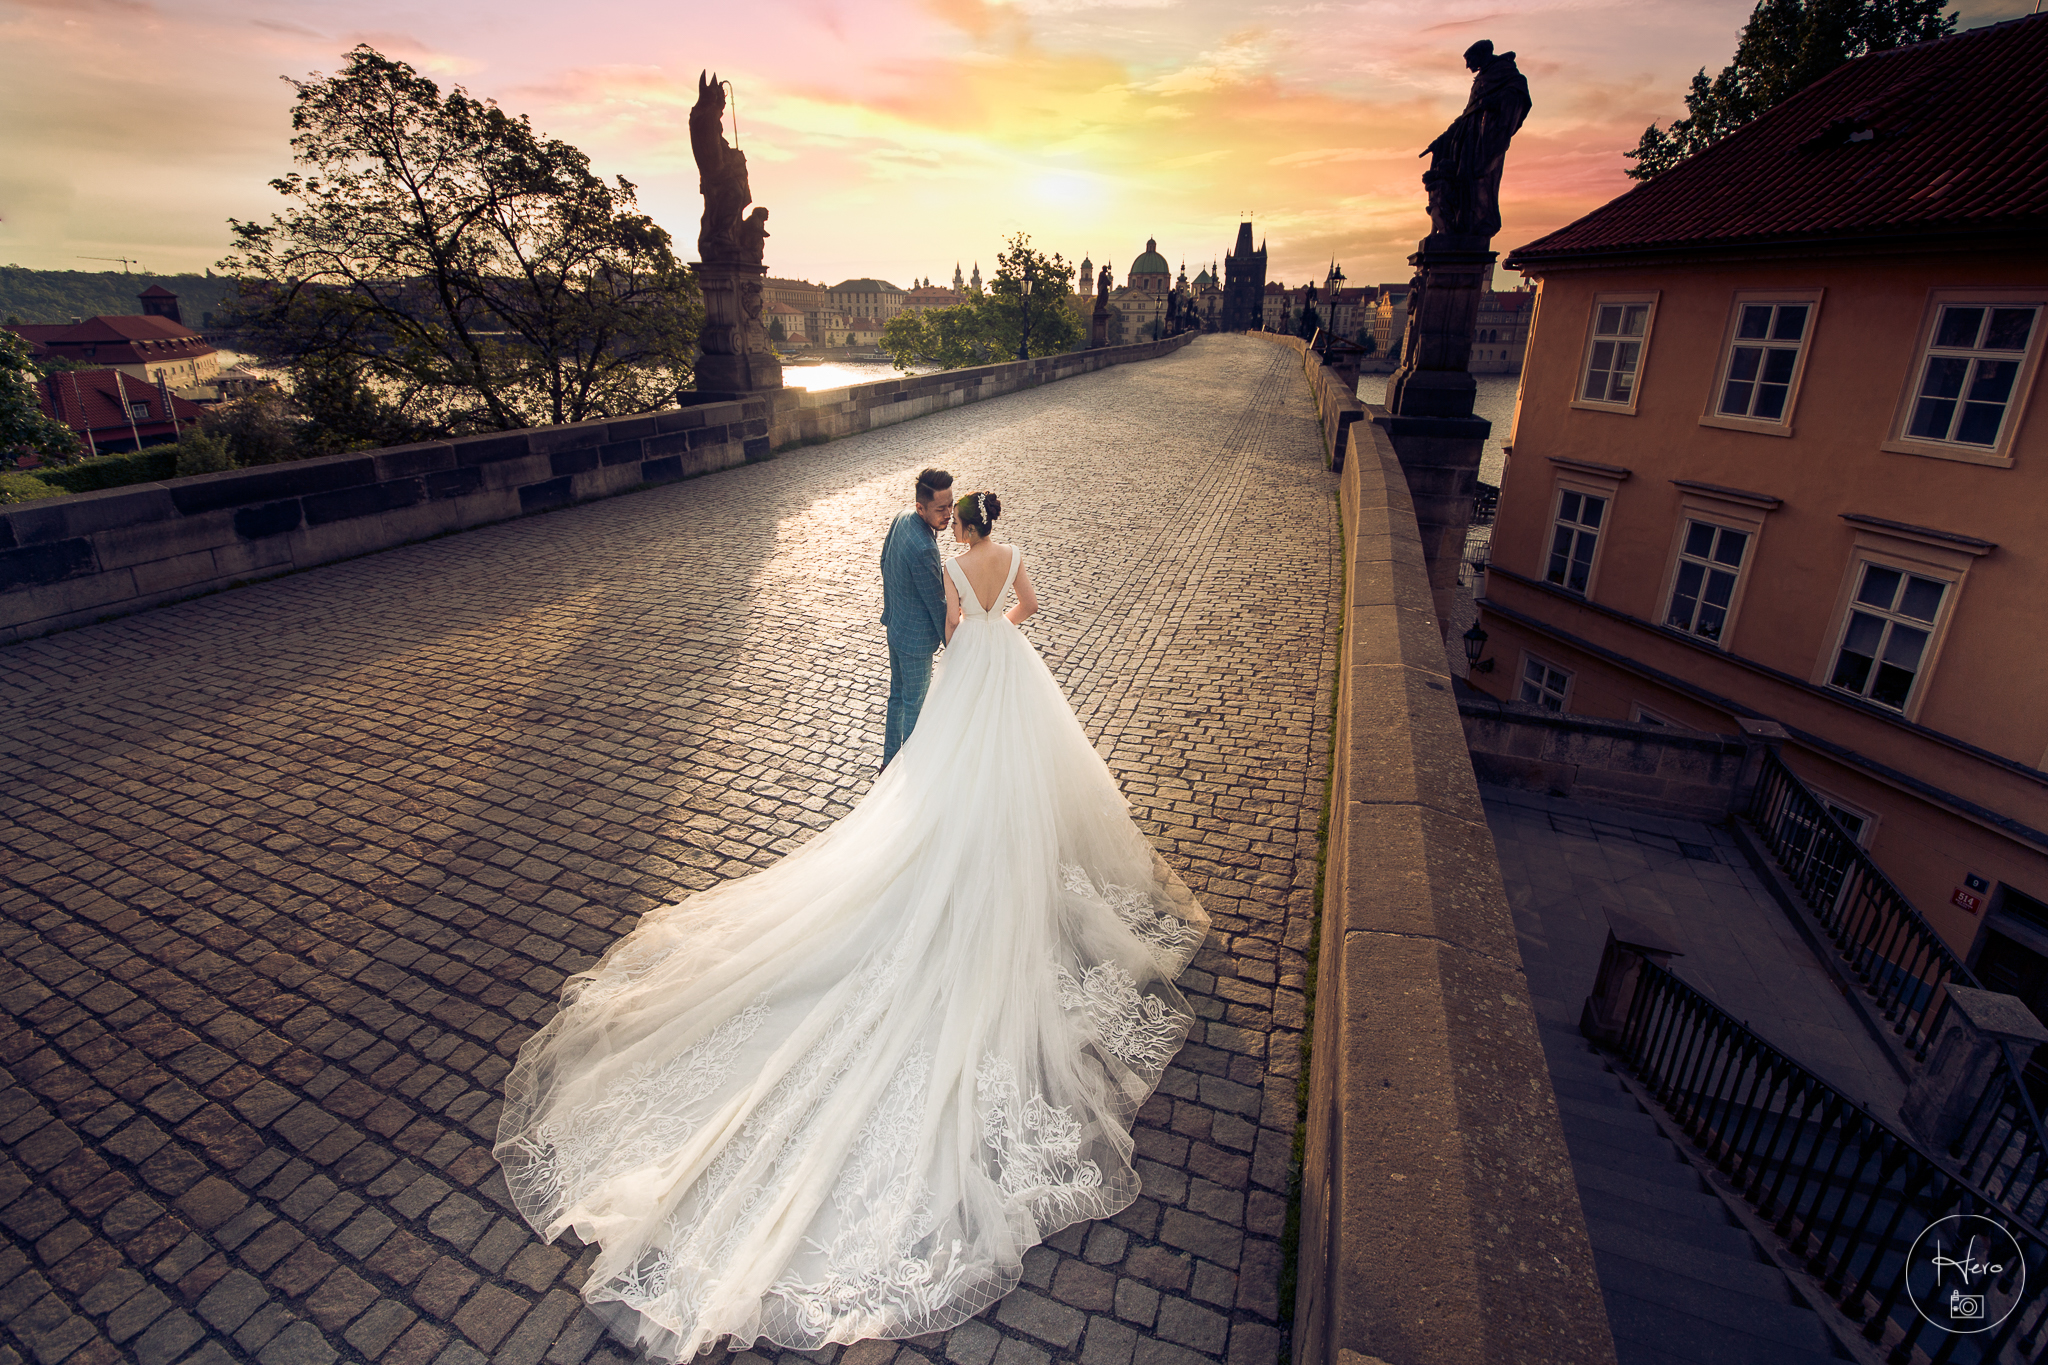 海外婚紗-布拉格 (1)